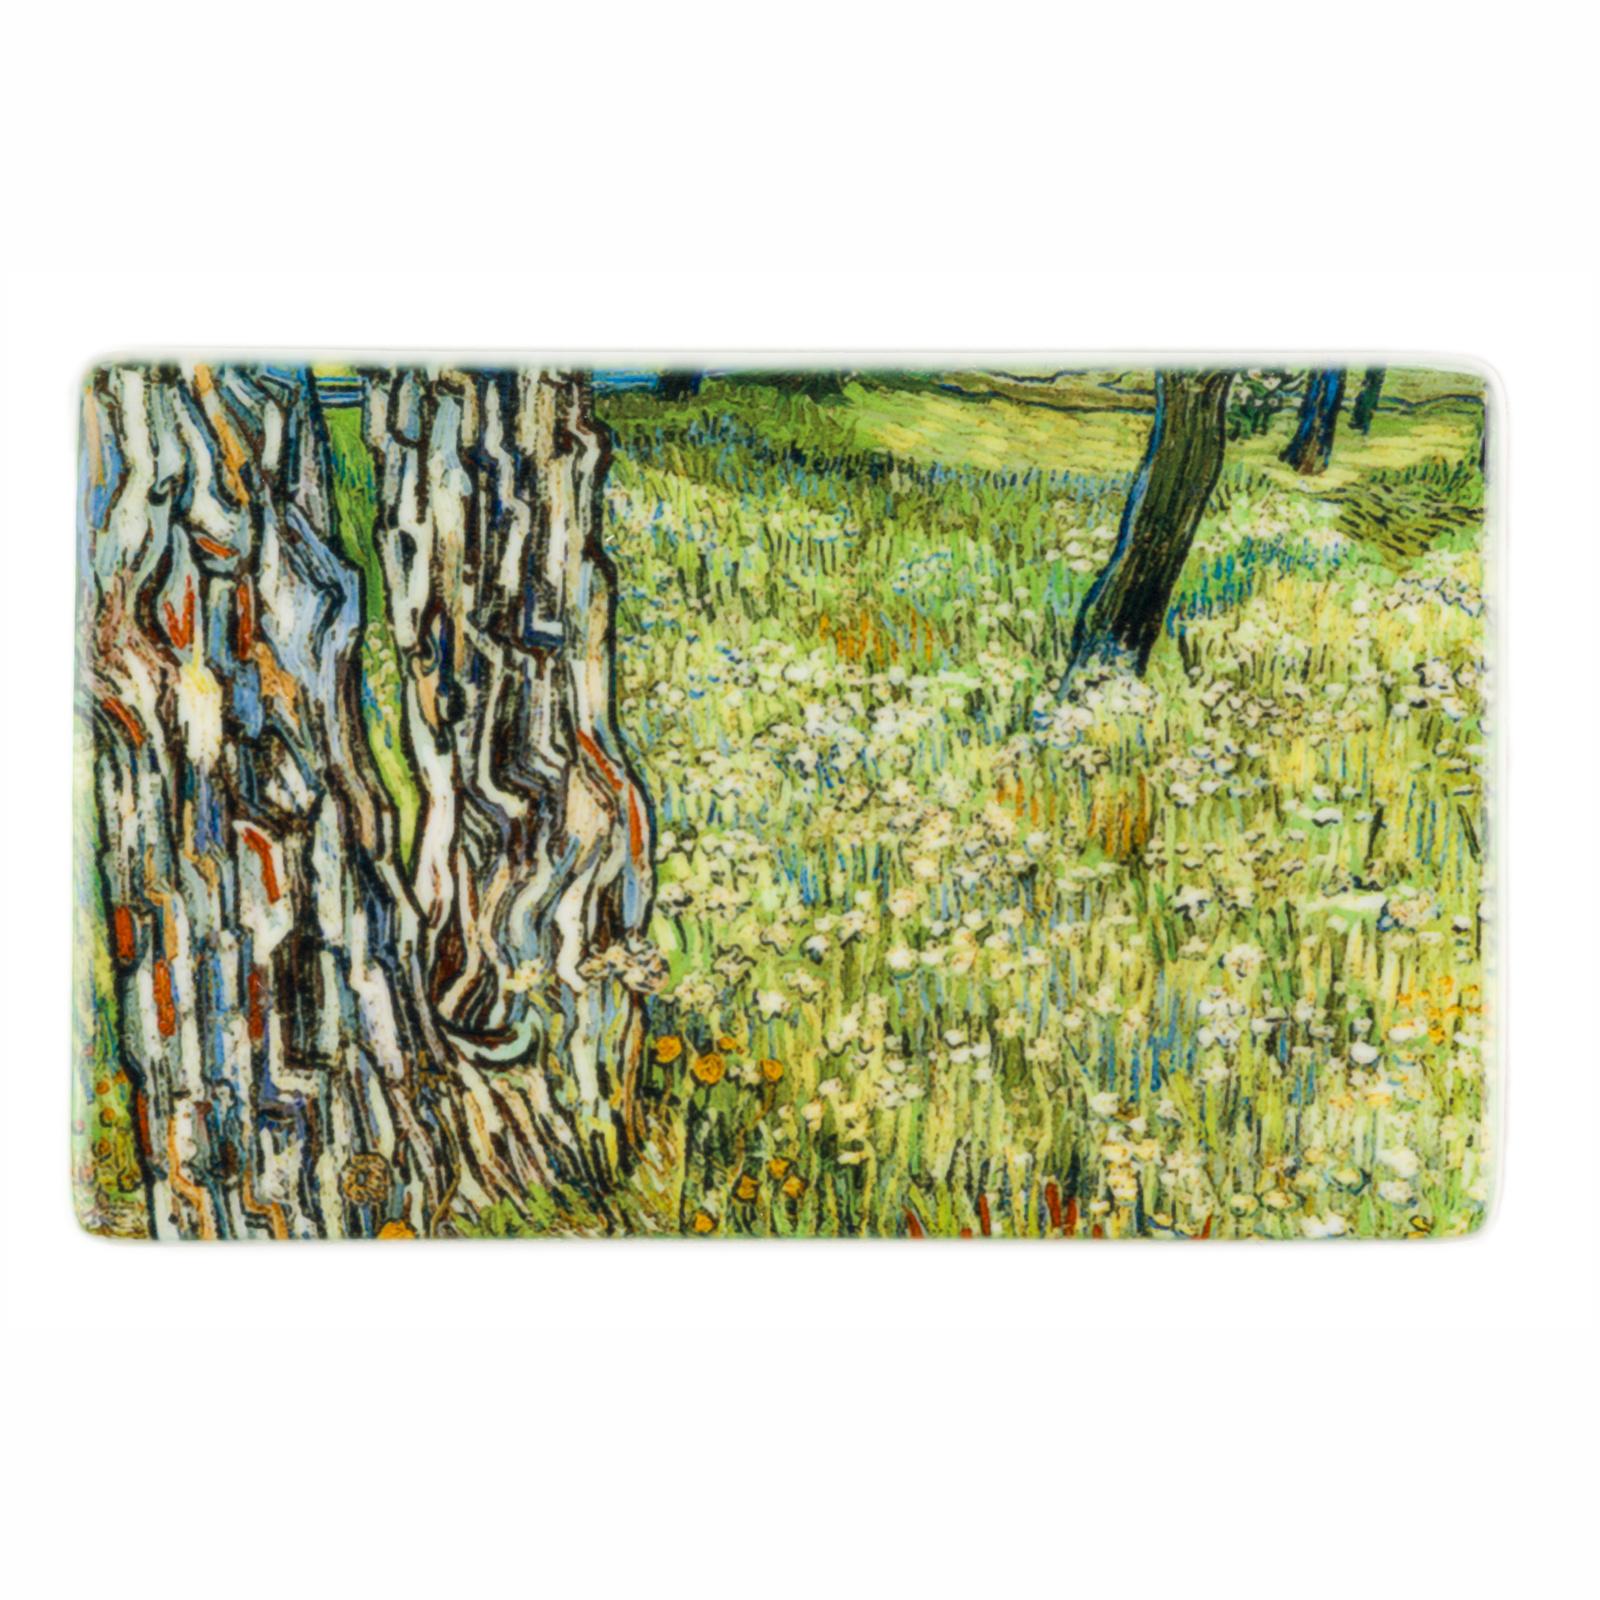 Koelkast magneet Van Gogh - Boomstammen in het gras